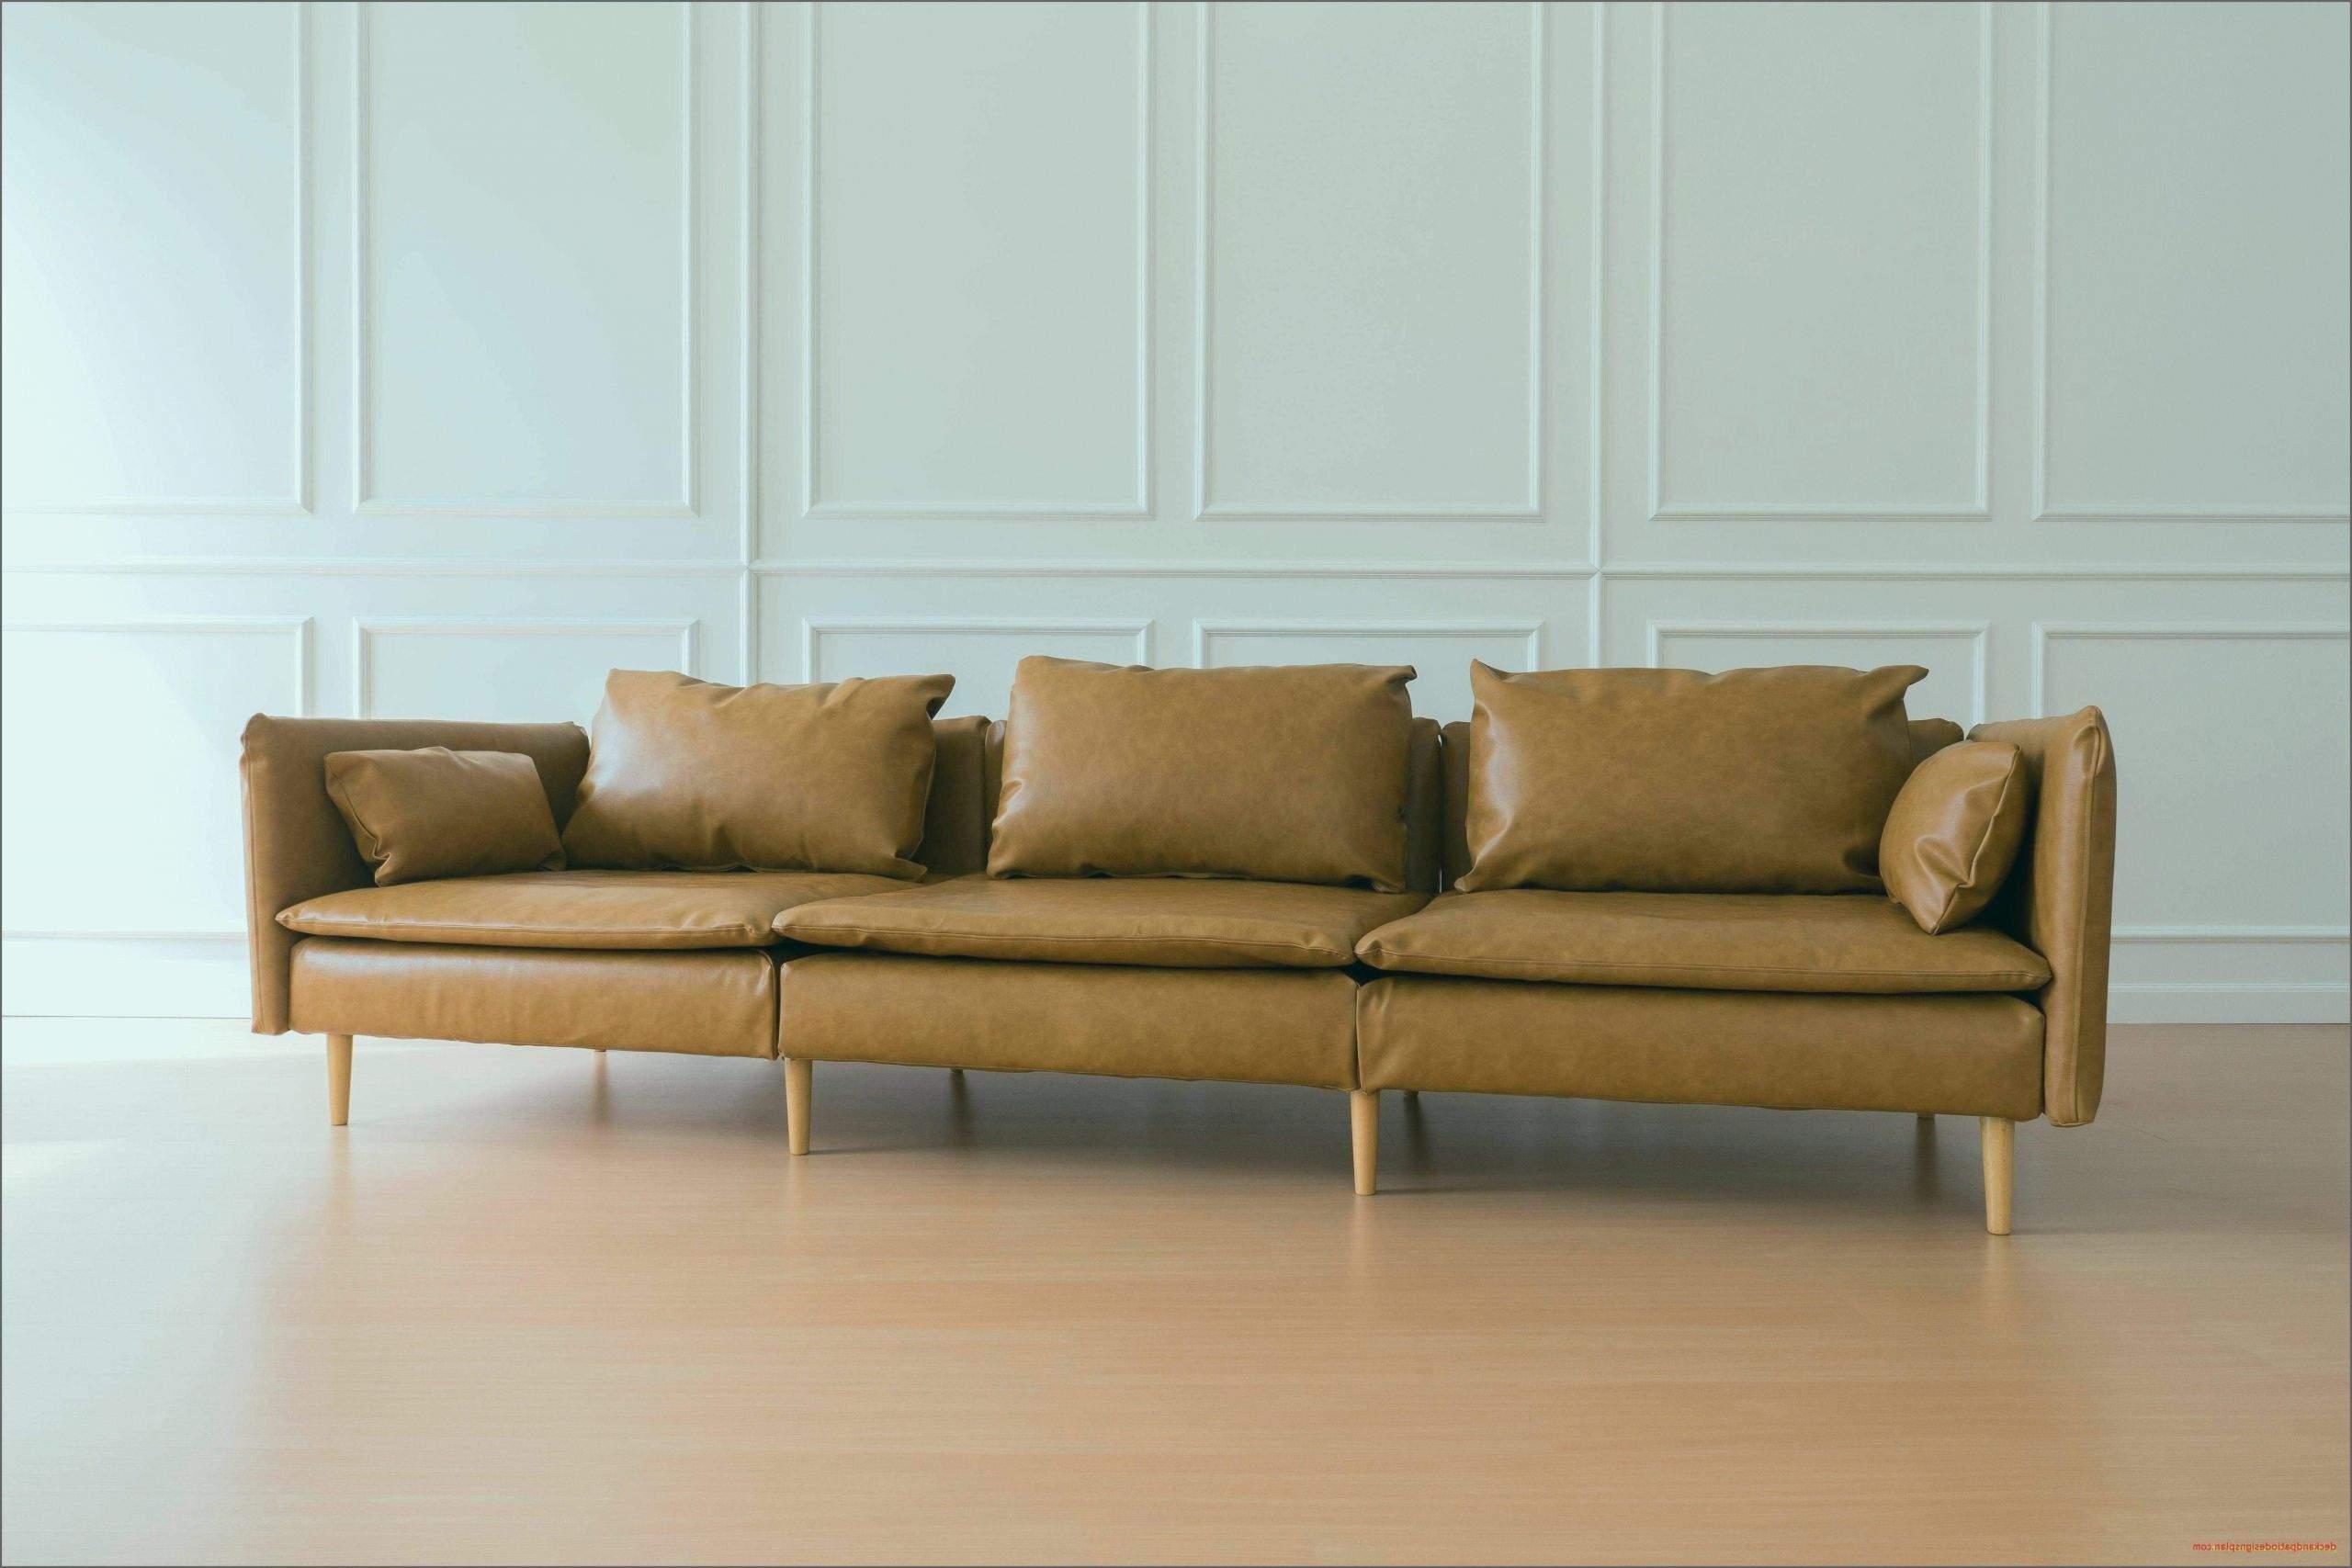 sitzecke wohnzimmer reizend 40 allgemeines und sauber lounge sofa wohnzimmer of sitzecke wohnzimmer scaled